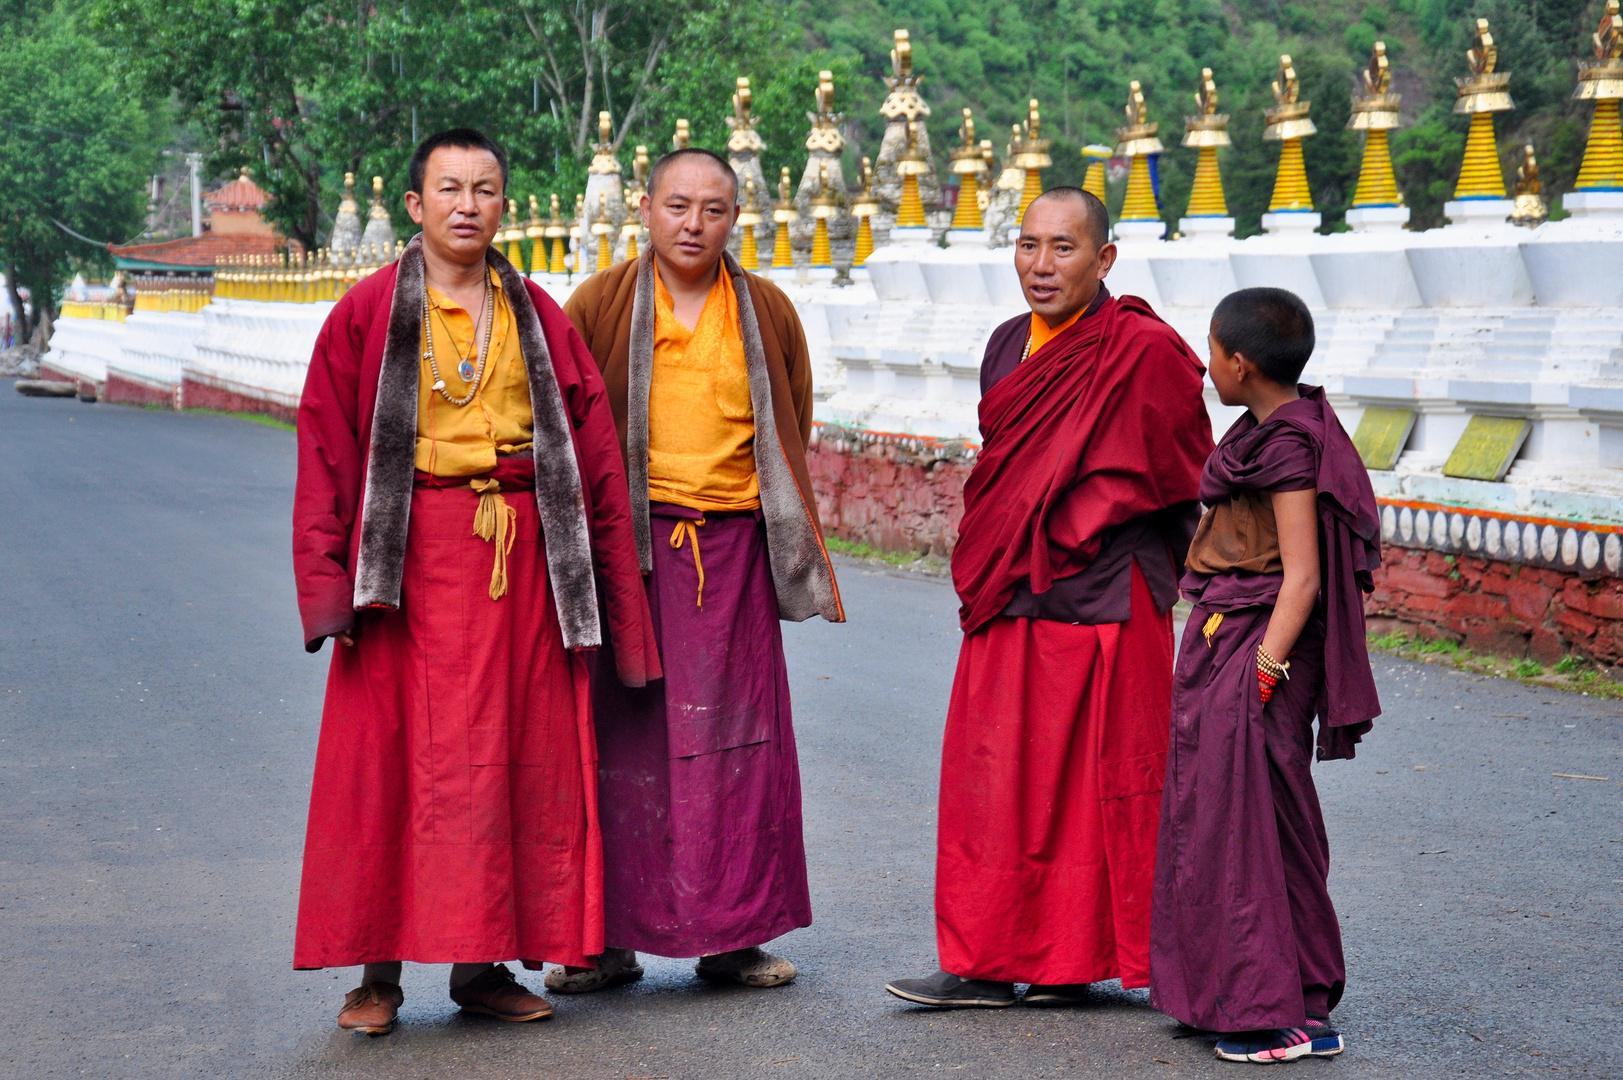 Gruppenbild mit jungem Mönch